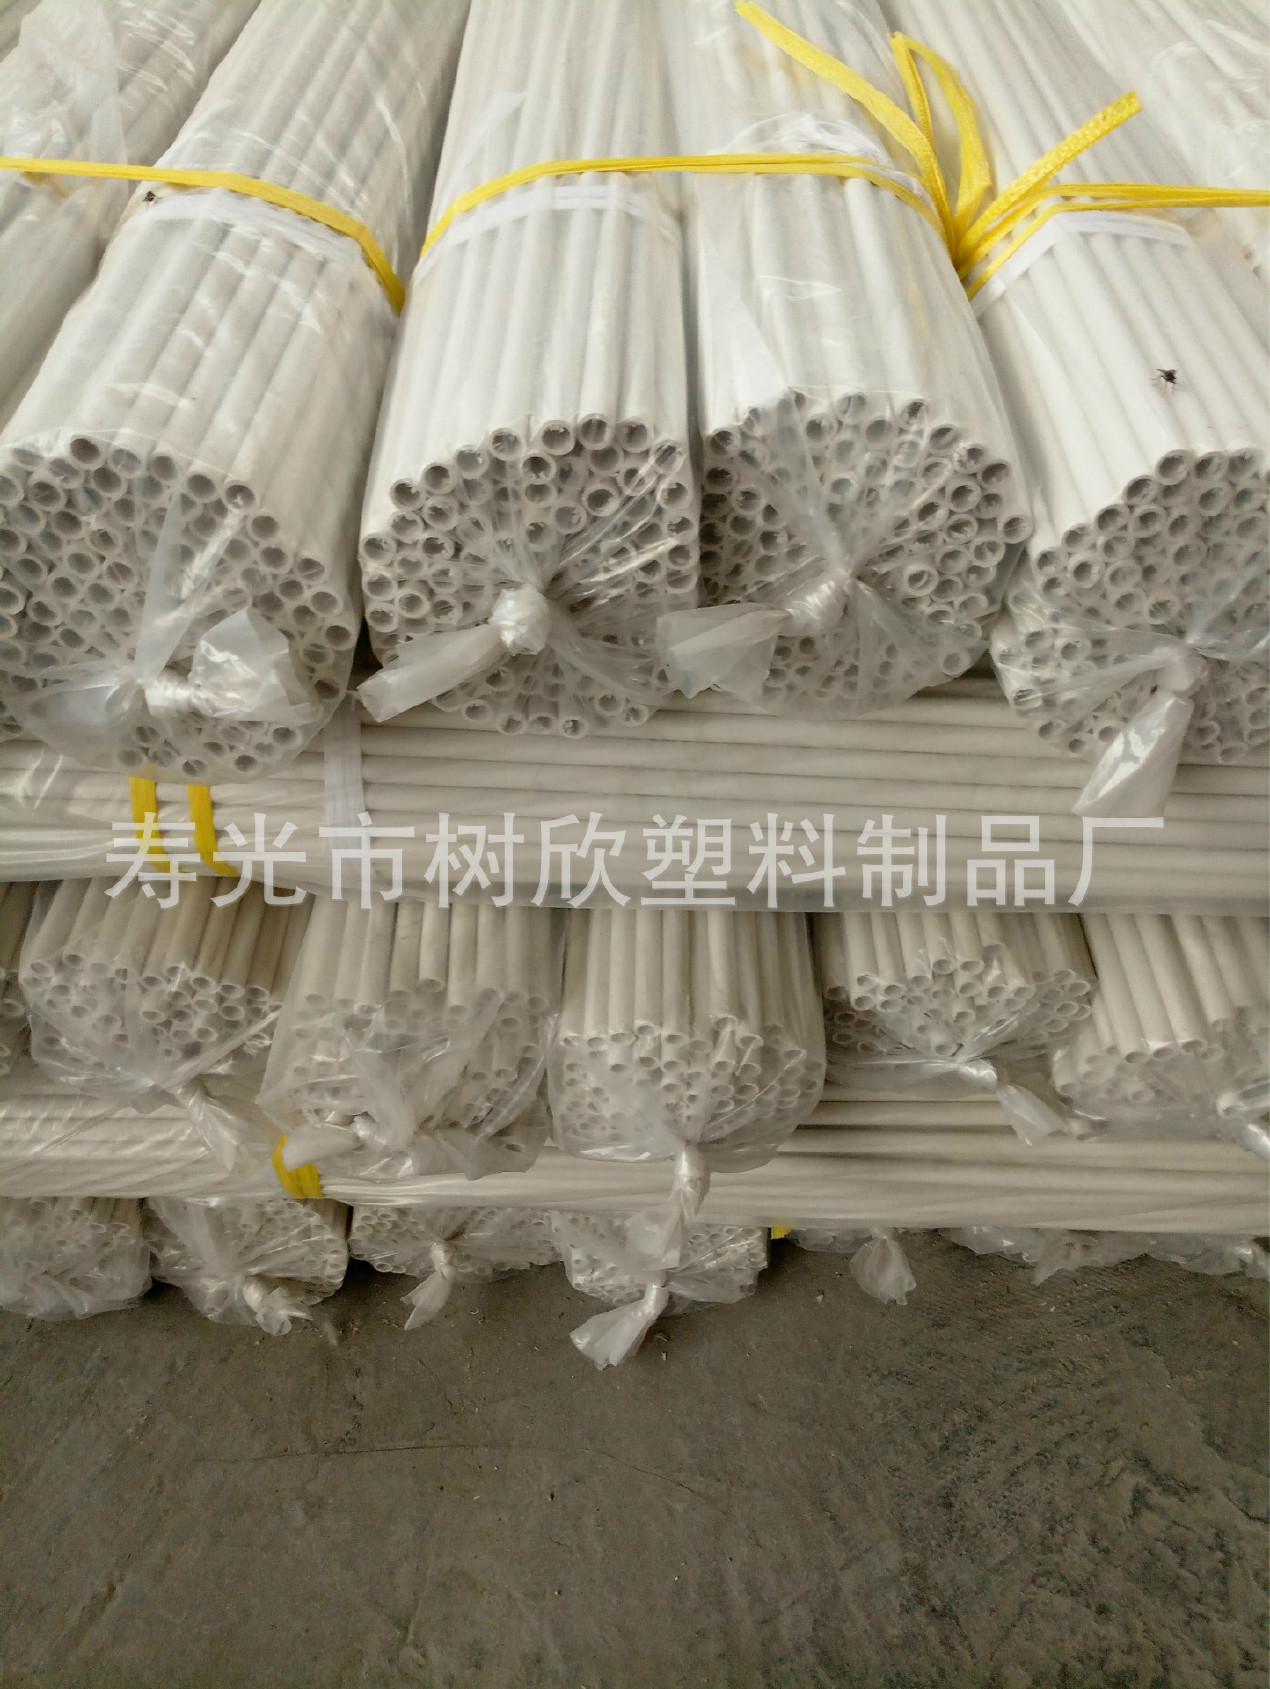 PVC塑料管 PVC硬管塑料管材 多规格厂家批发直销 PVC塑料管示例图42